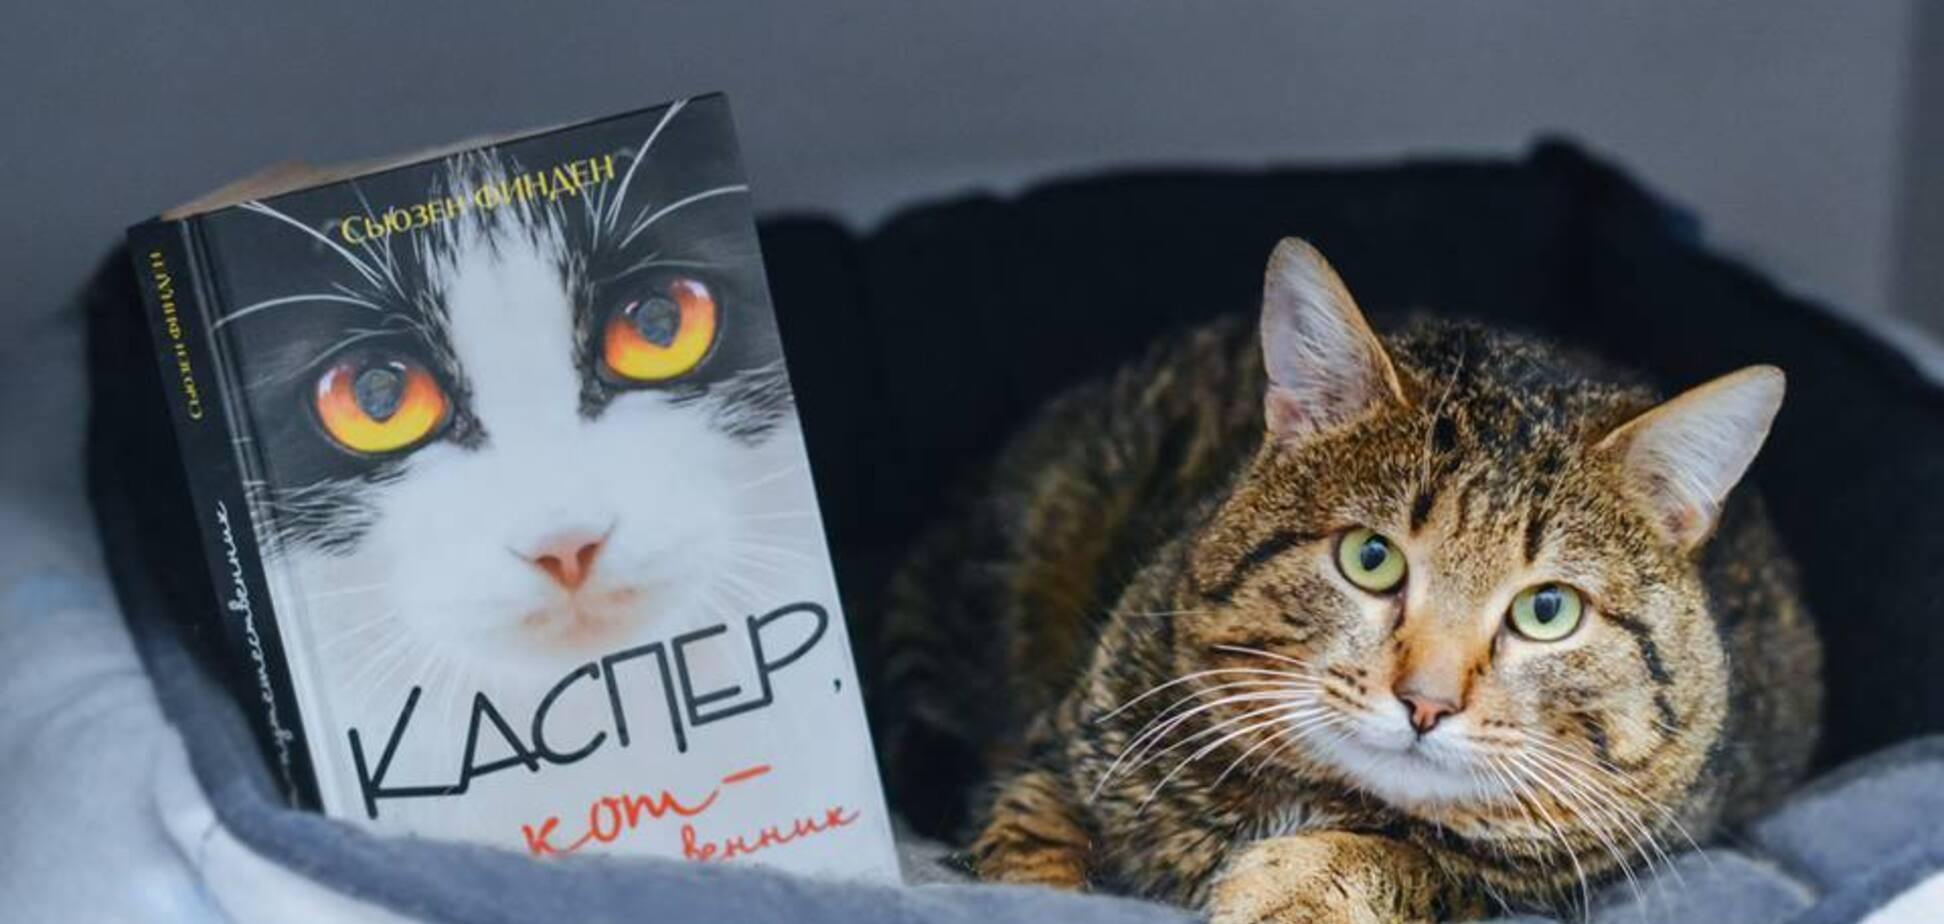 Волонтеры устроили книжный аукцион, чтобы помочь котам